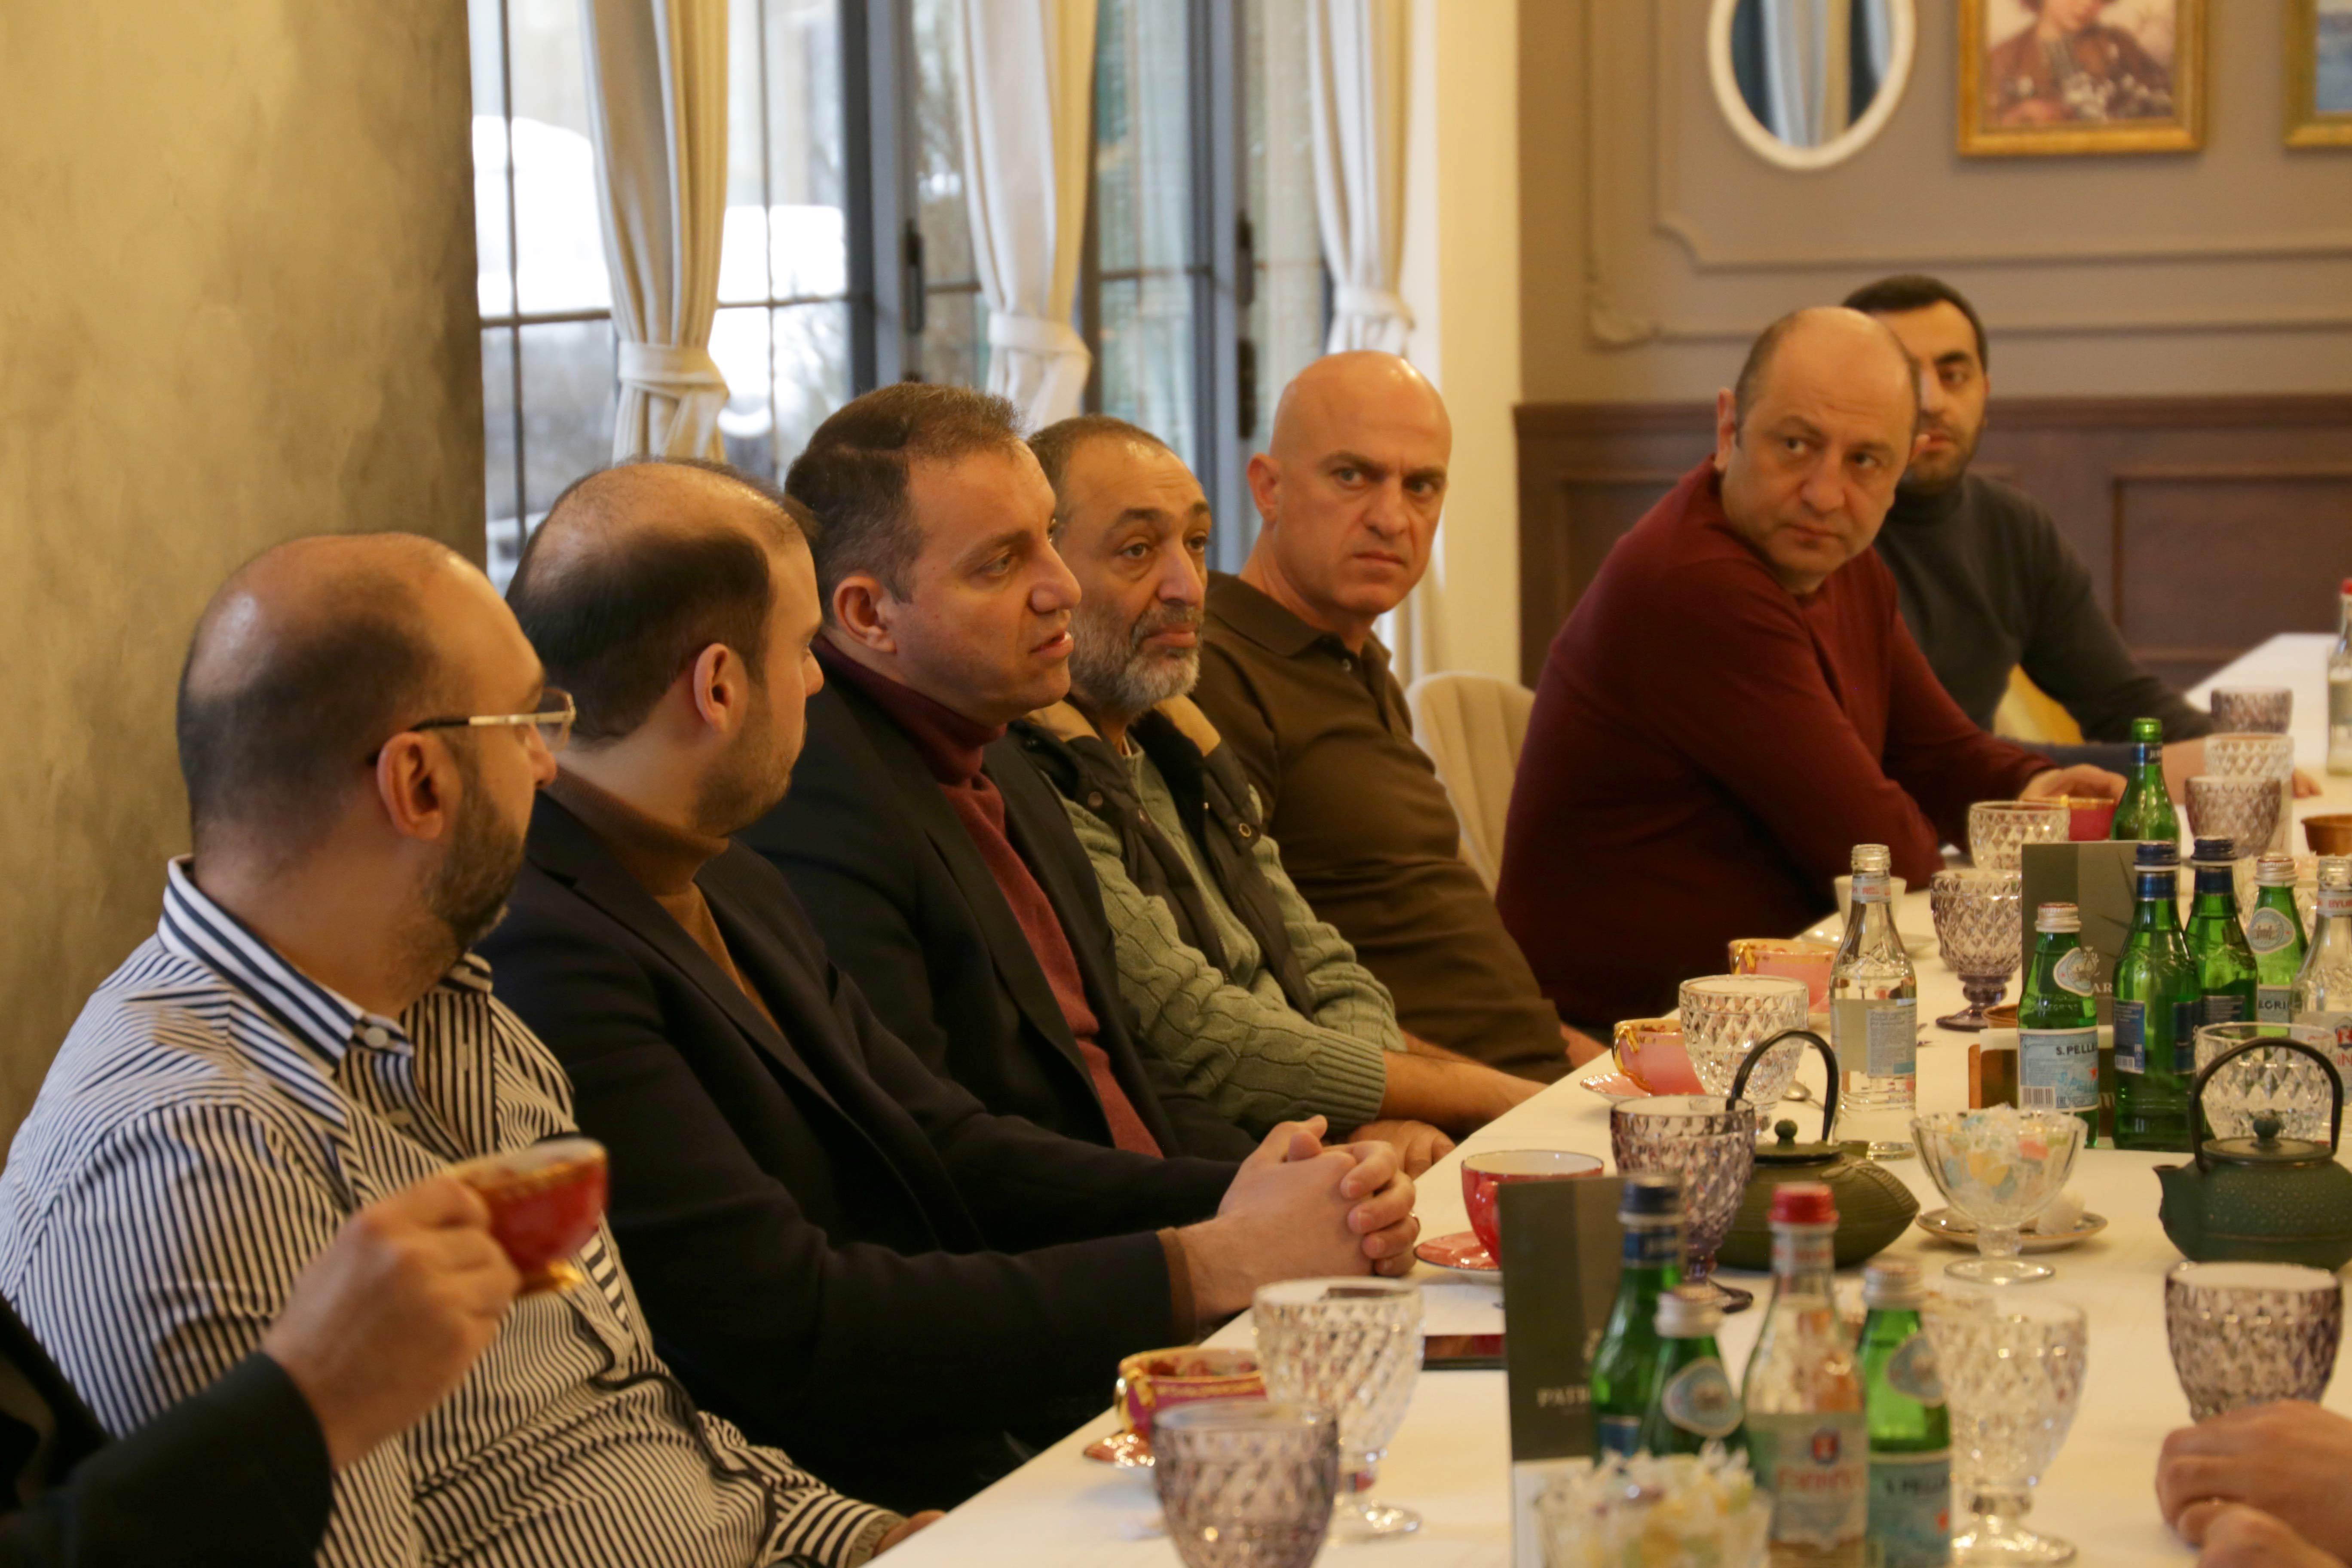 Ռեստորանների հայկական միության անդամների հետ քննարկվել են համագործակցության հետագա անելիքները